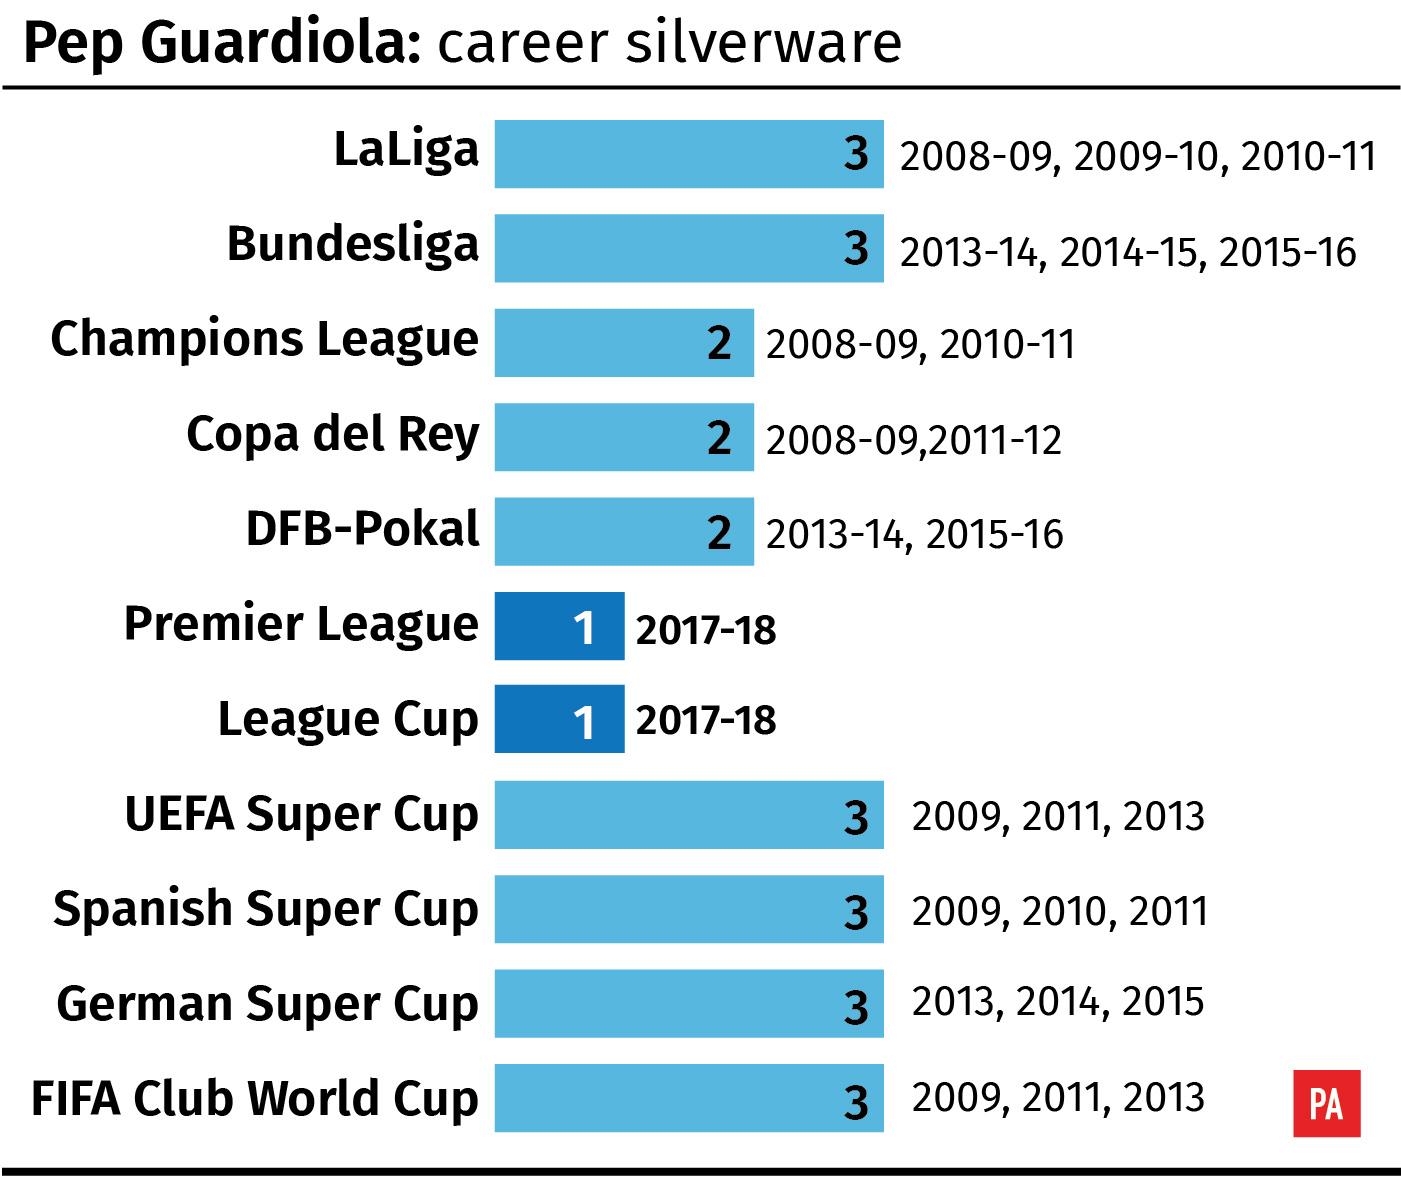 Pep Guardiola: Career trophies